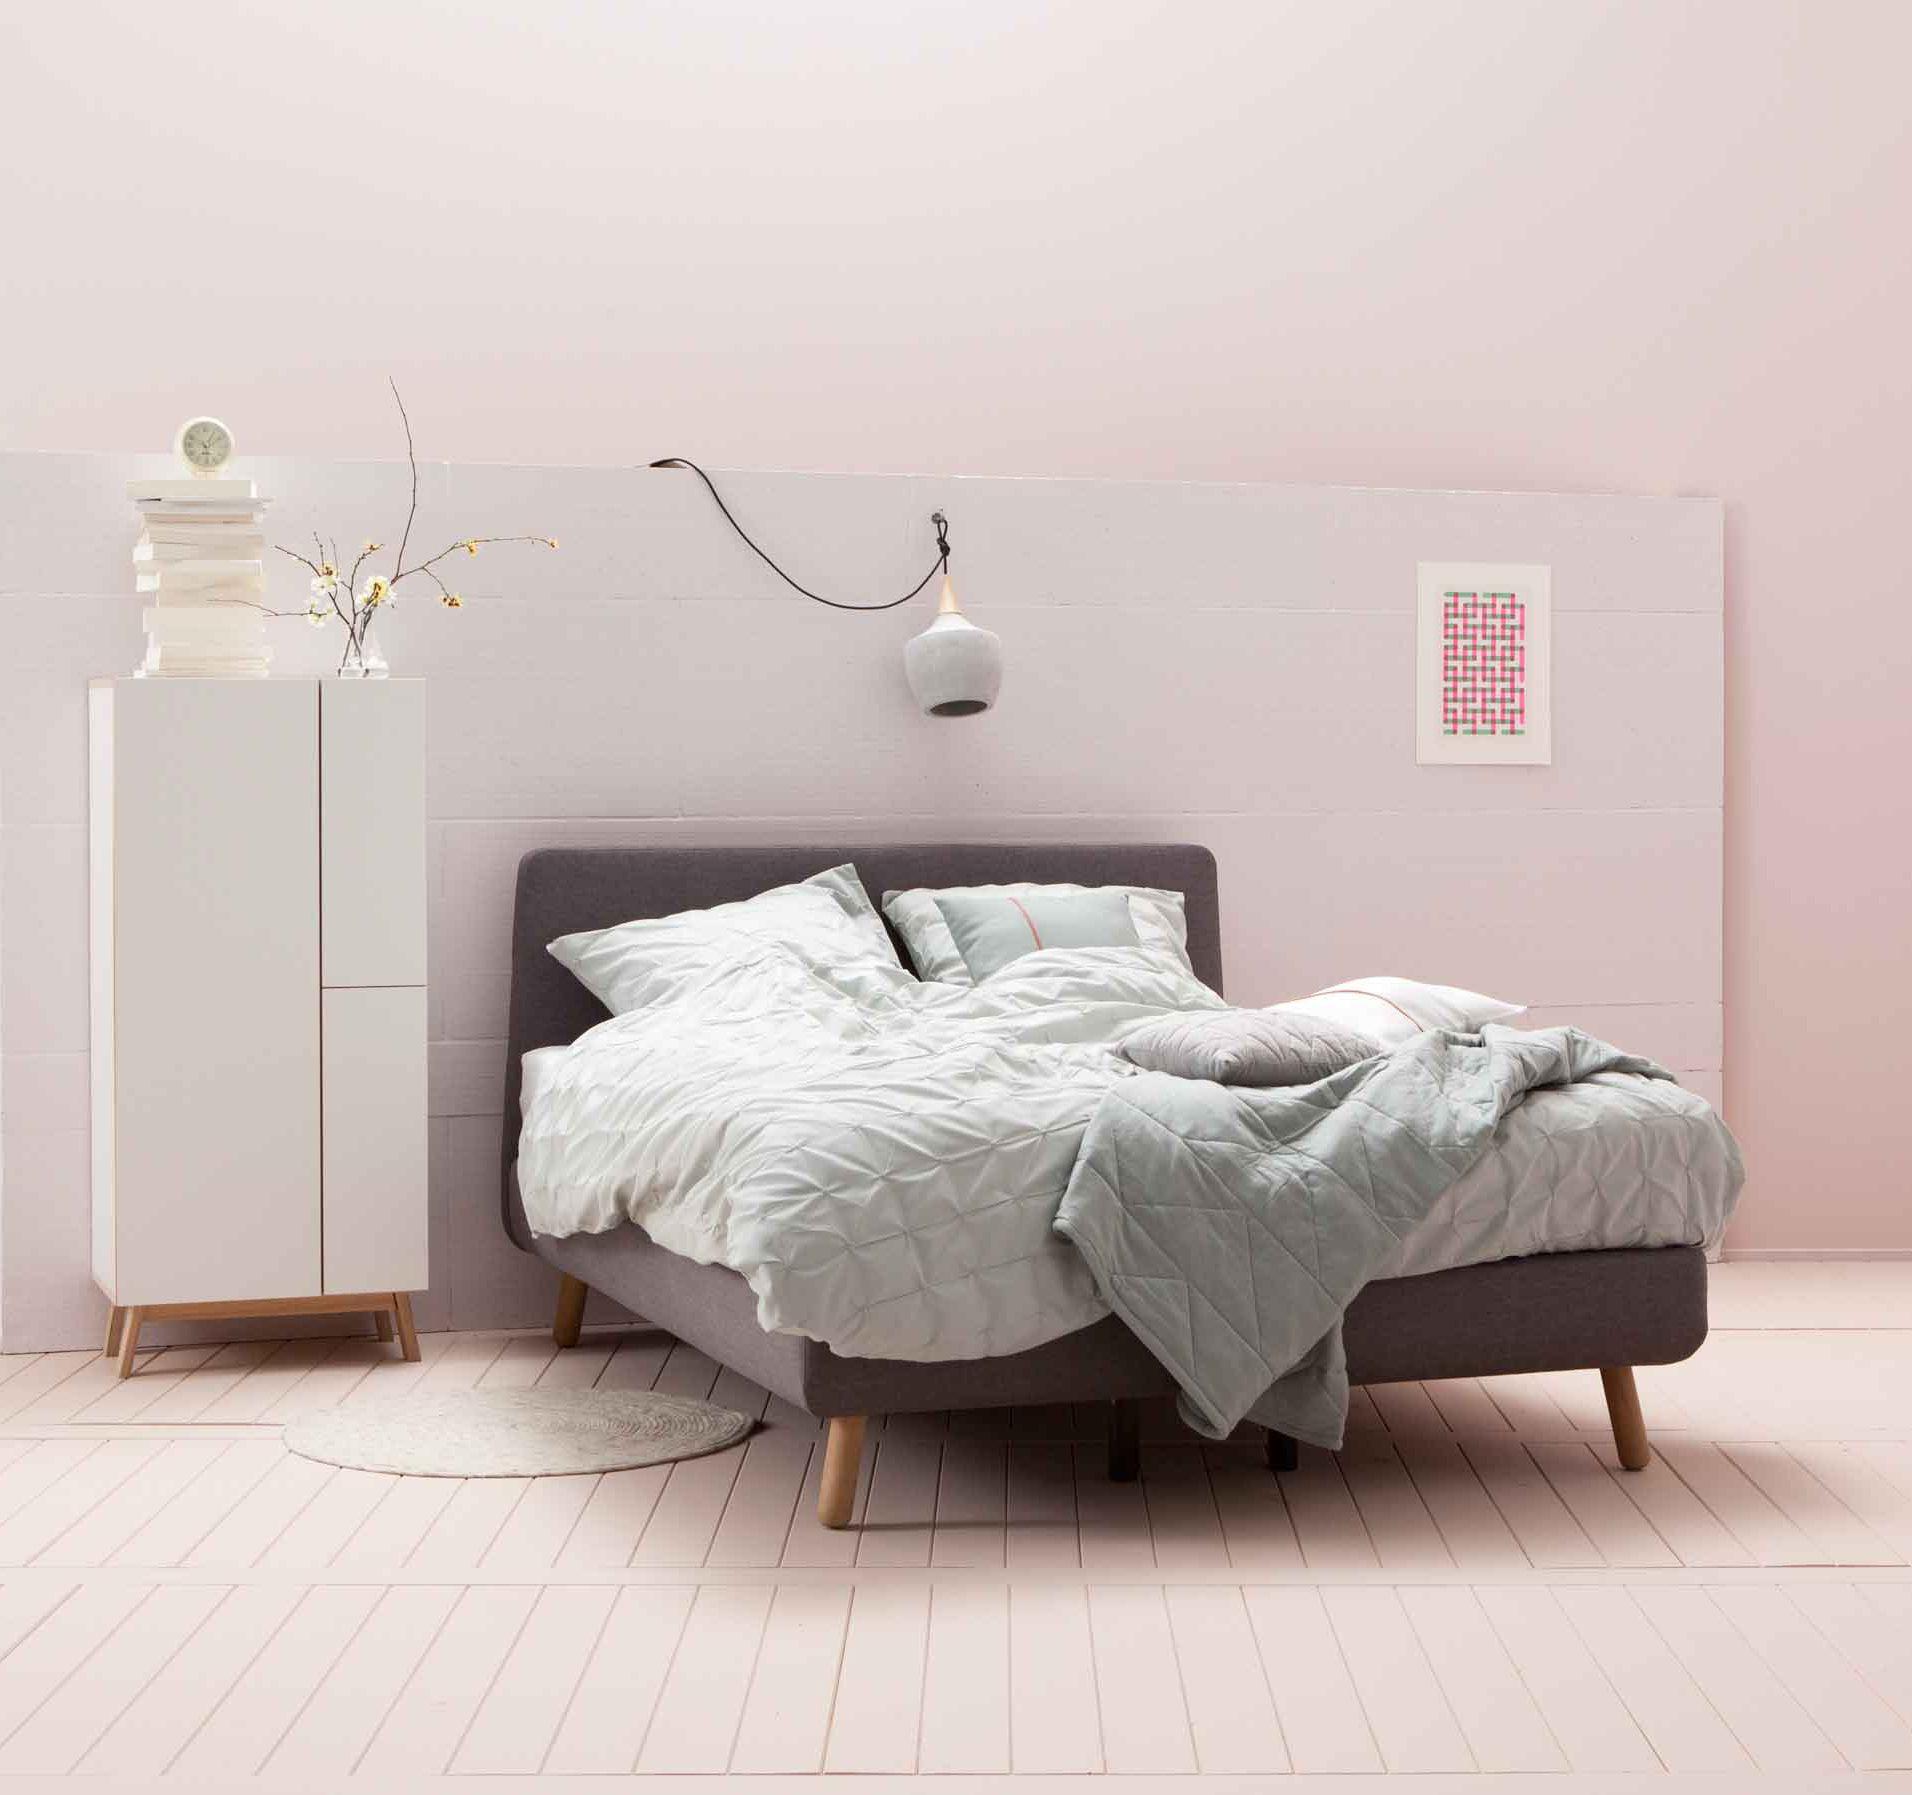 Om bij weg te dromen een romantische lichte slaapkamer slaapkamer